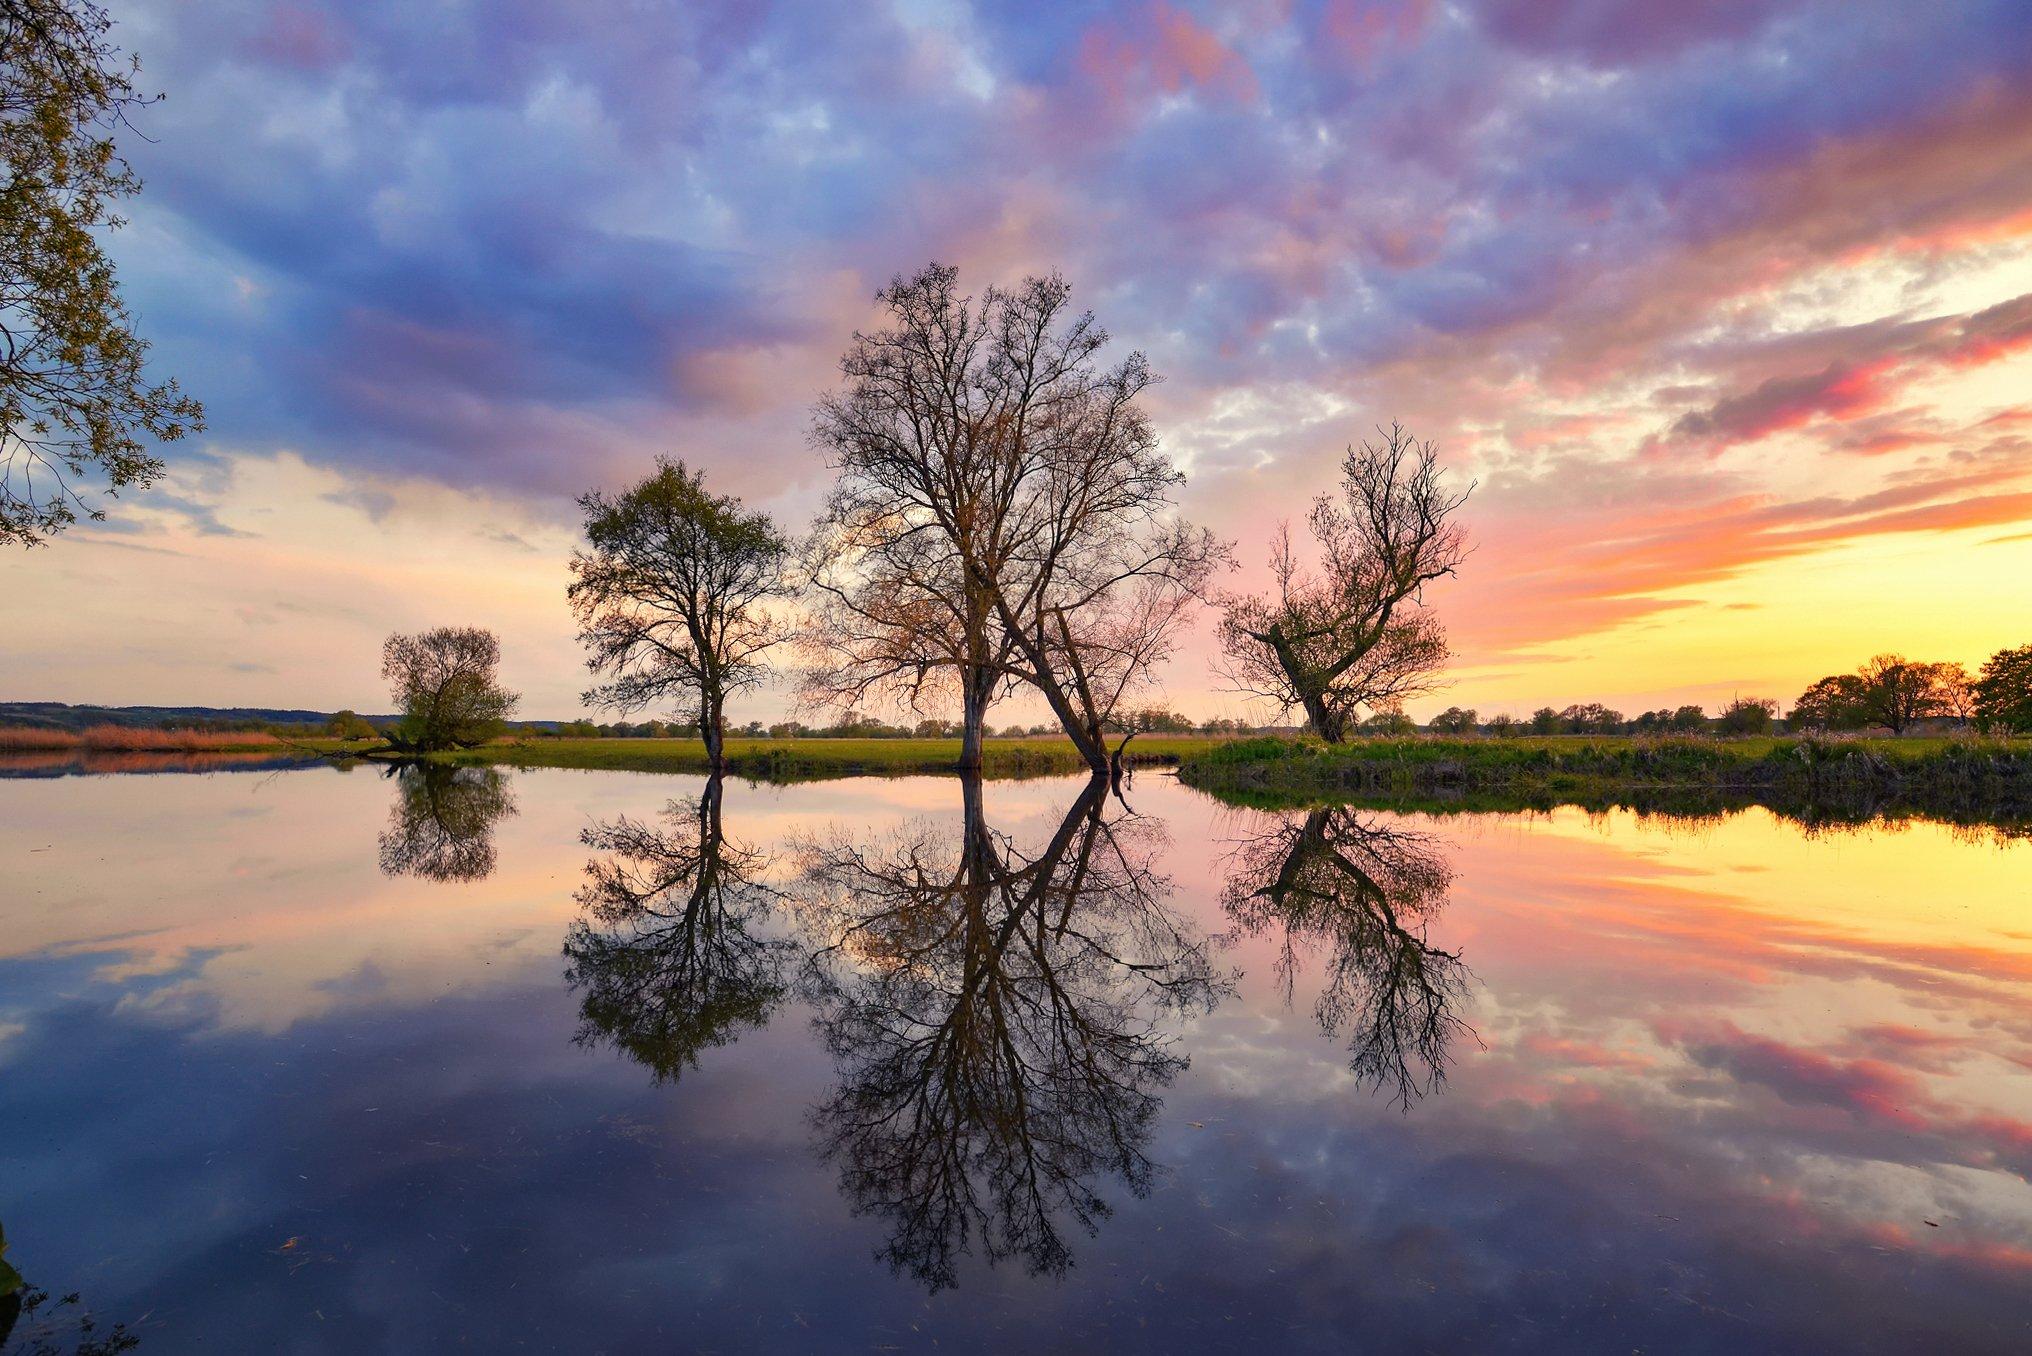 reflection odra mirror water poland tree trees silence dranikowski magenta sunset, Radoslaw Dranikowski